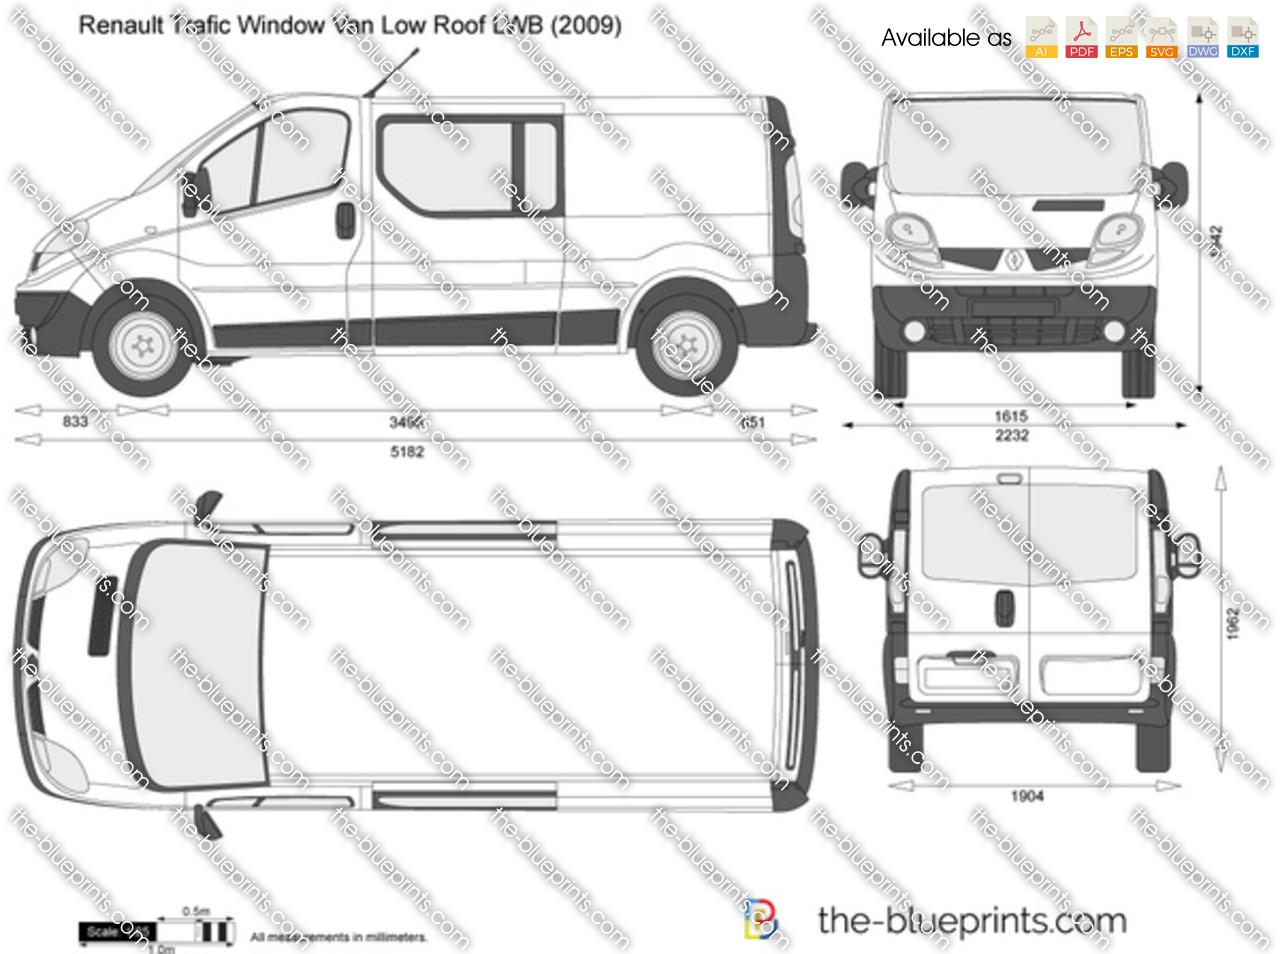 Renault Trafic Window Van Low Roof LWB 2001